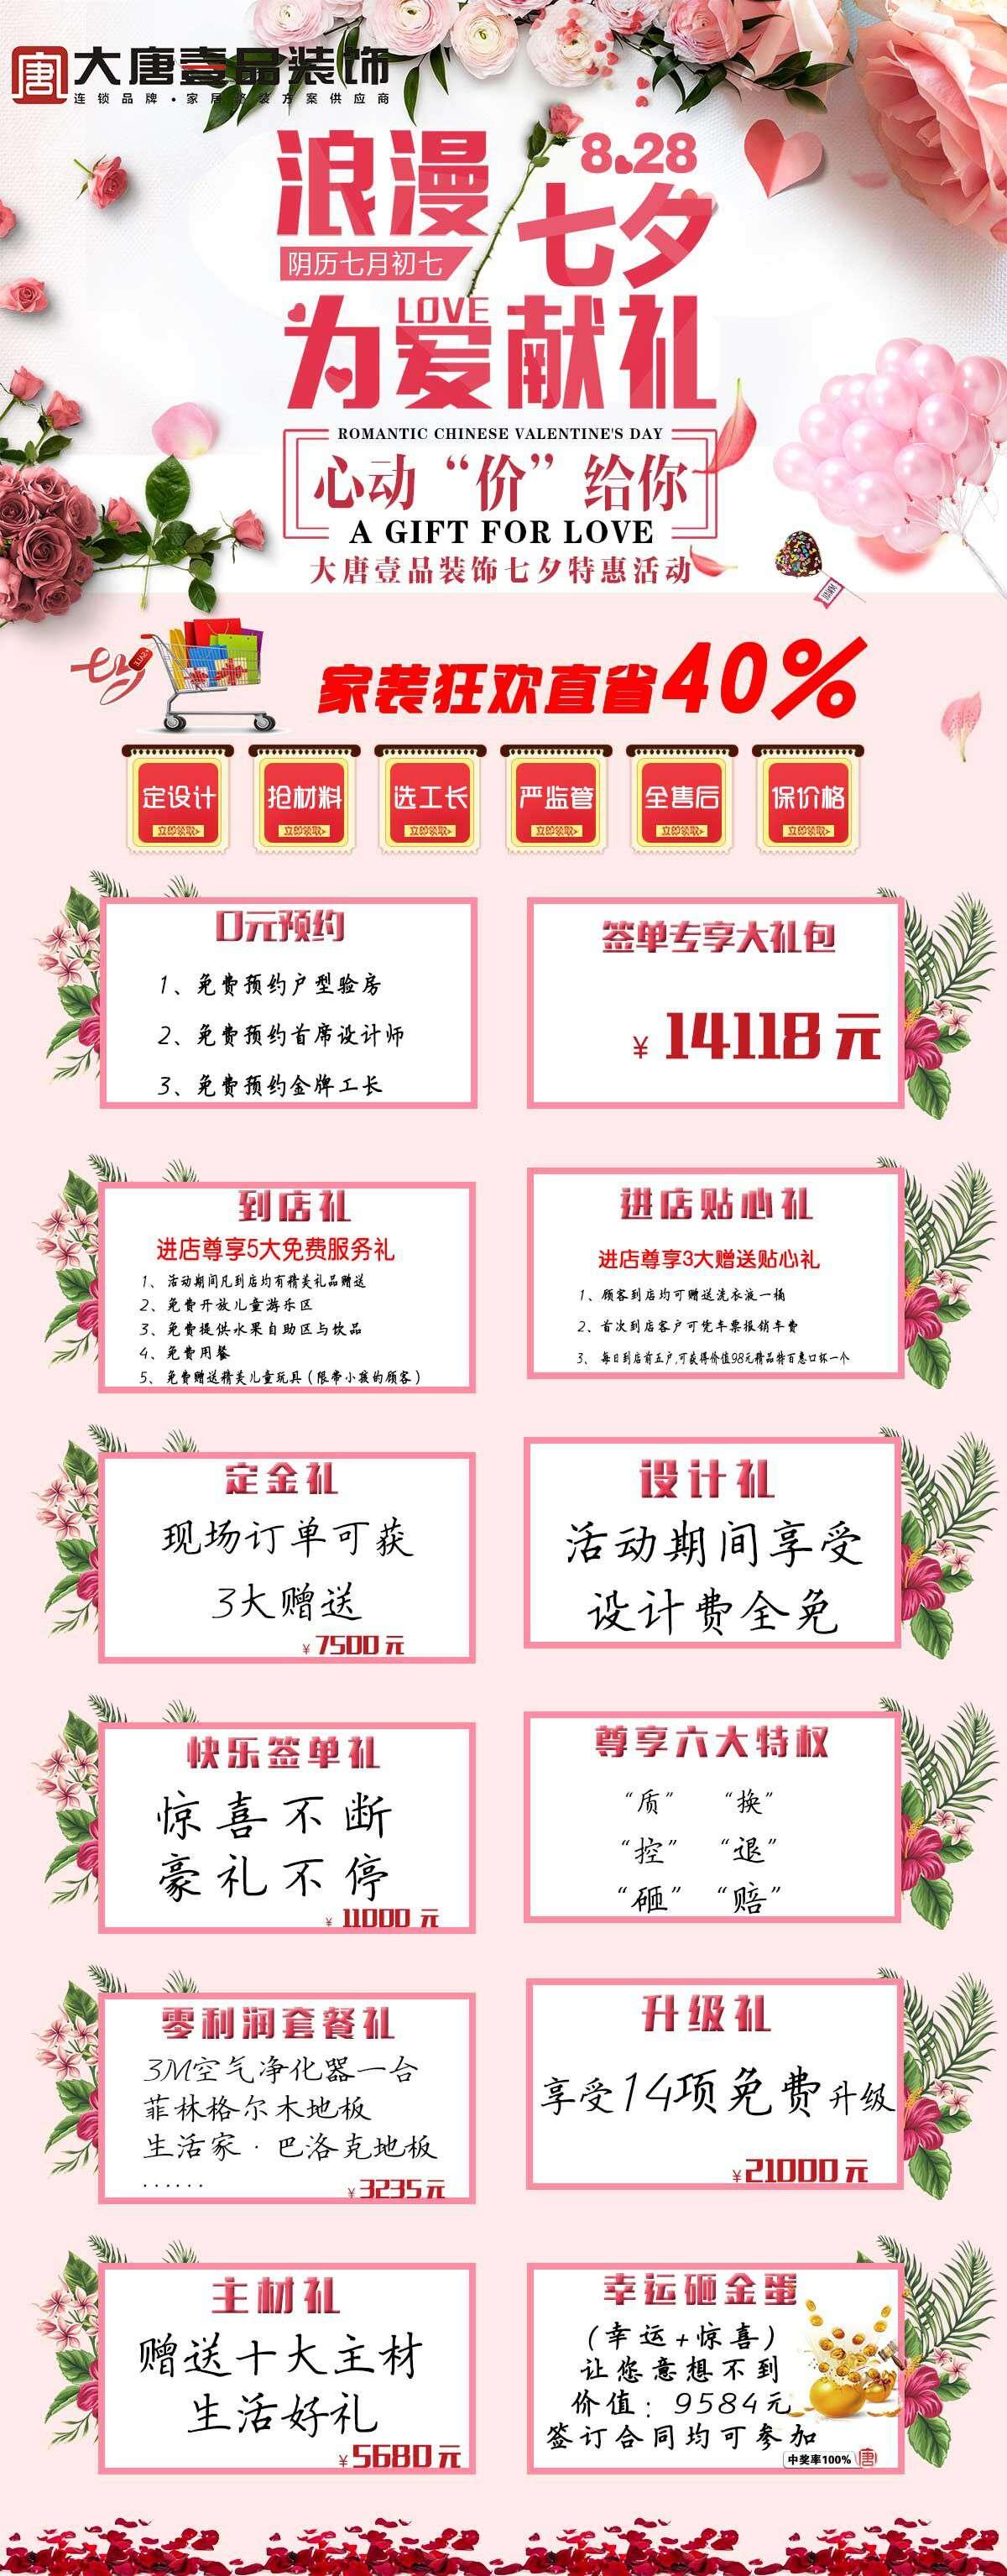 """❧❧❧浪漫七夕╭♥ღ ♥╮为爱献礼╭♥ღ ♥╮心动""""价""""给你❧❧❧"""